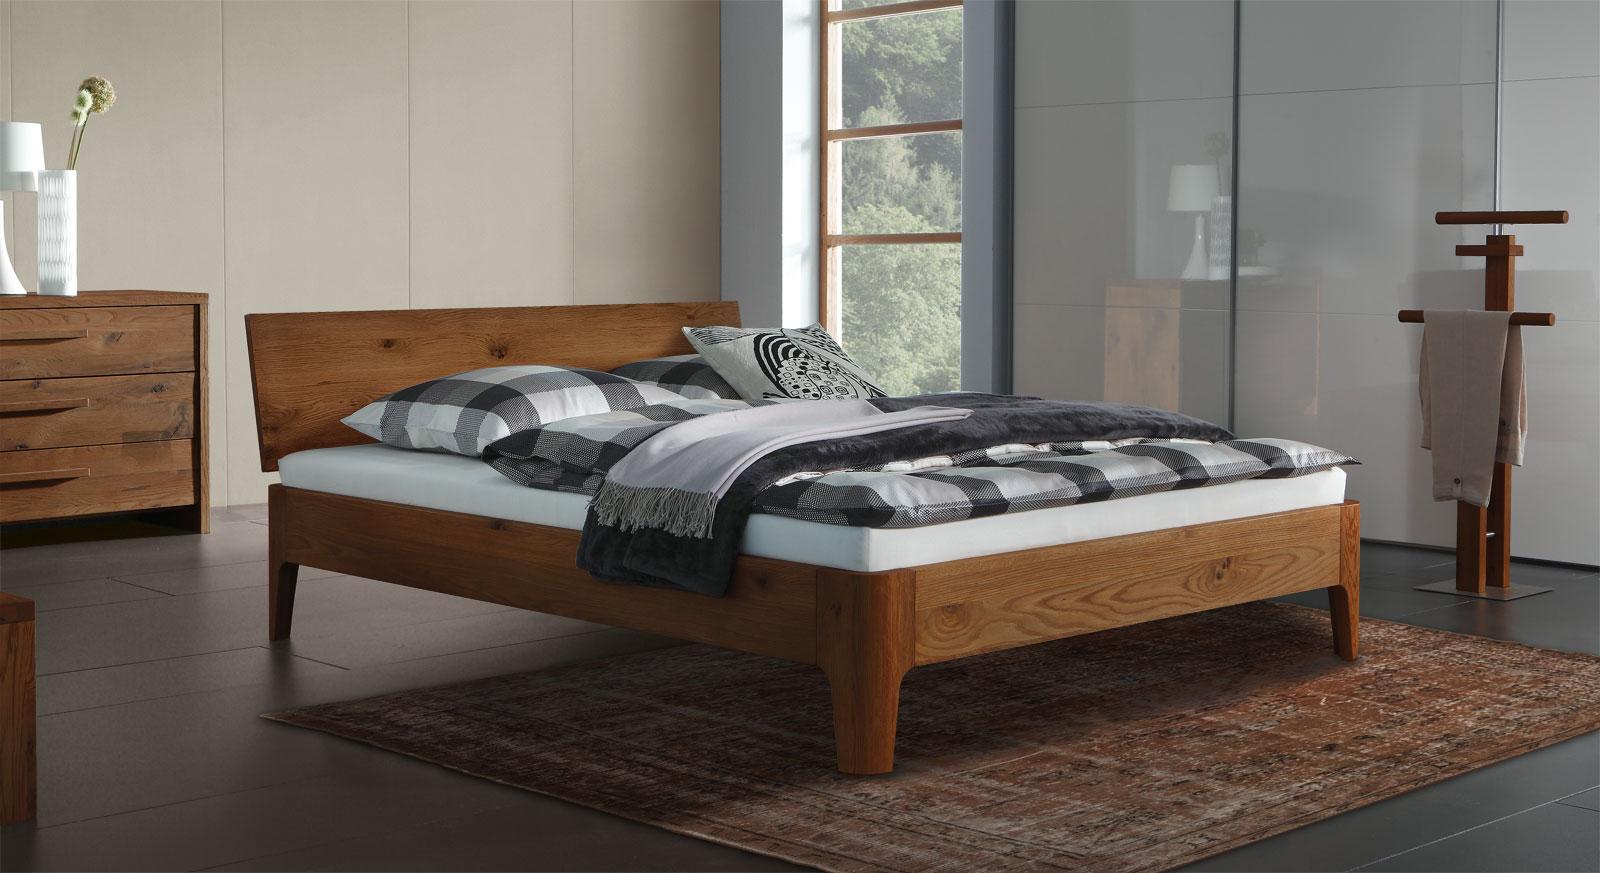 Full Size of Bett Einzelbett Massives Doppelbett Oder Lugo Aus Eichenholz Selber Zusammenstellen Bambus Metall Mit Matratze Modernes 180x200 Schwebendes Flach 120x200 Bett Bett Einzelbett